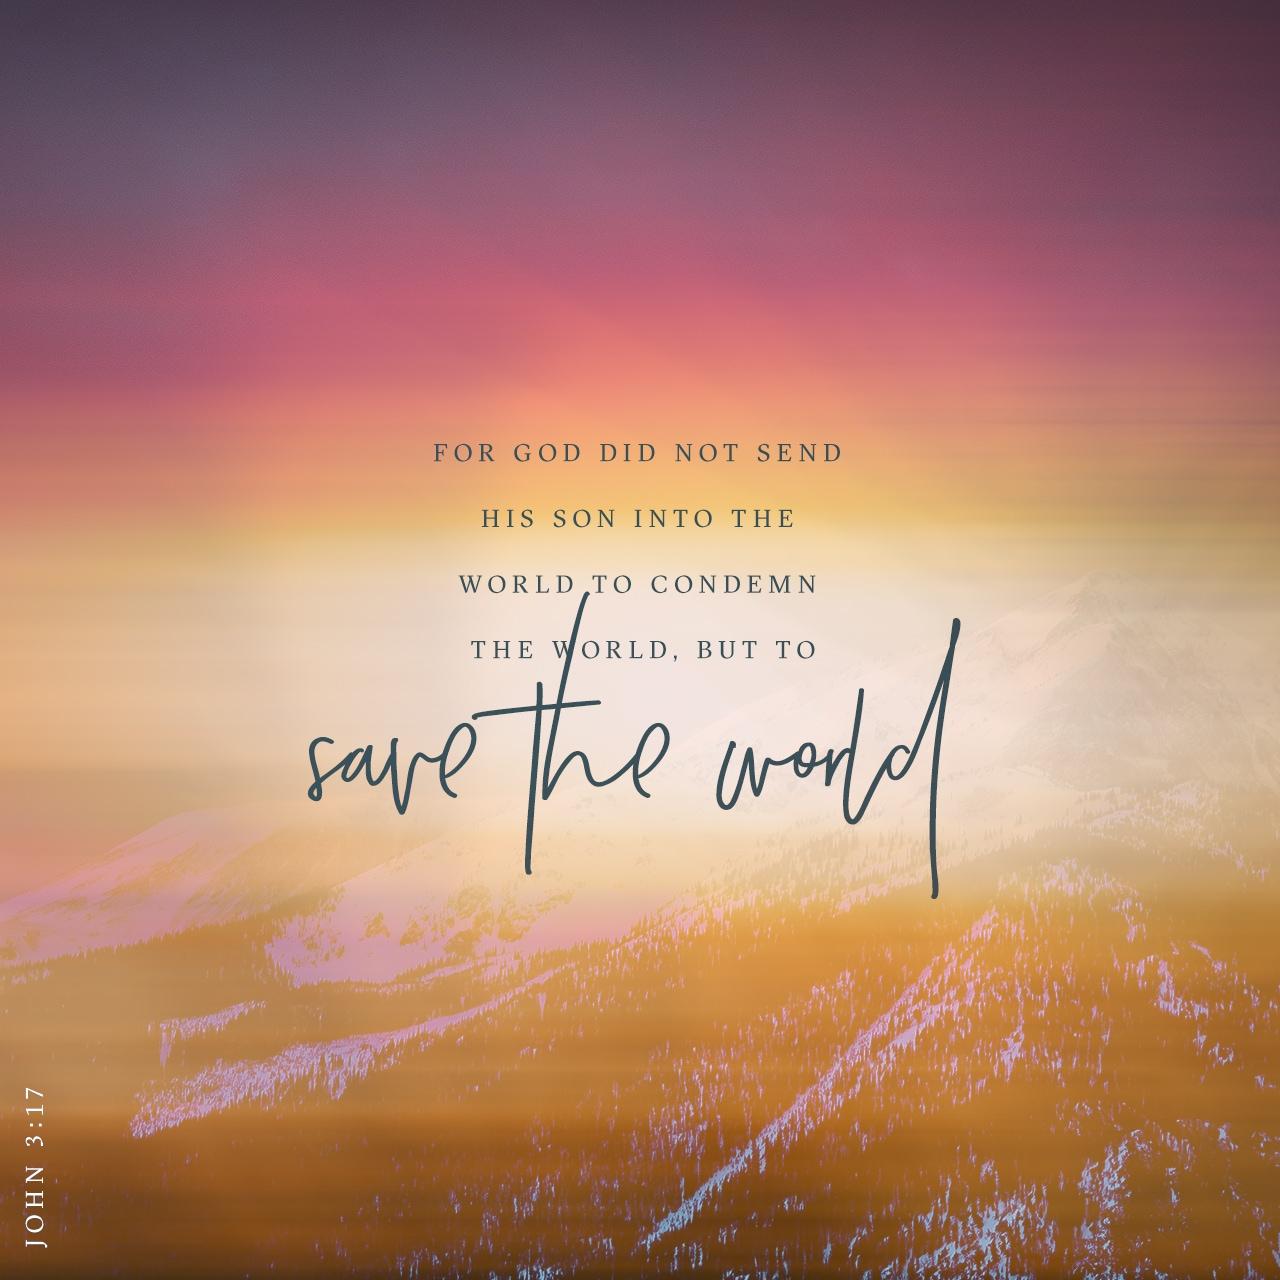 John 3:17 Verse Image